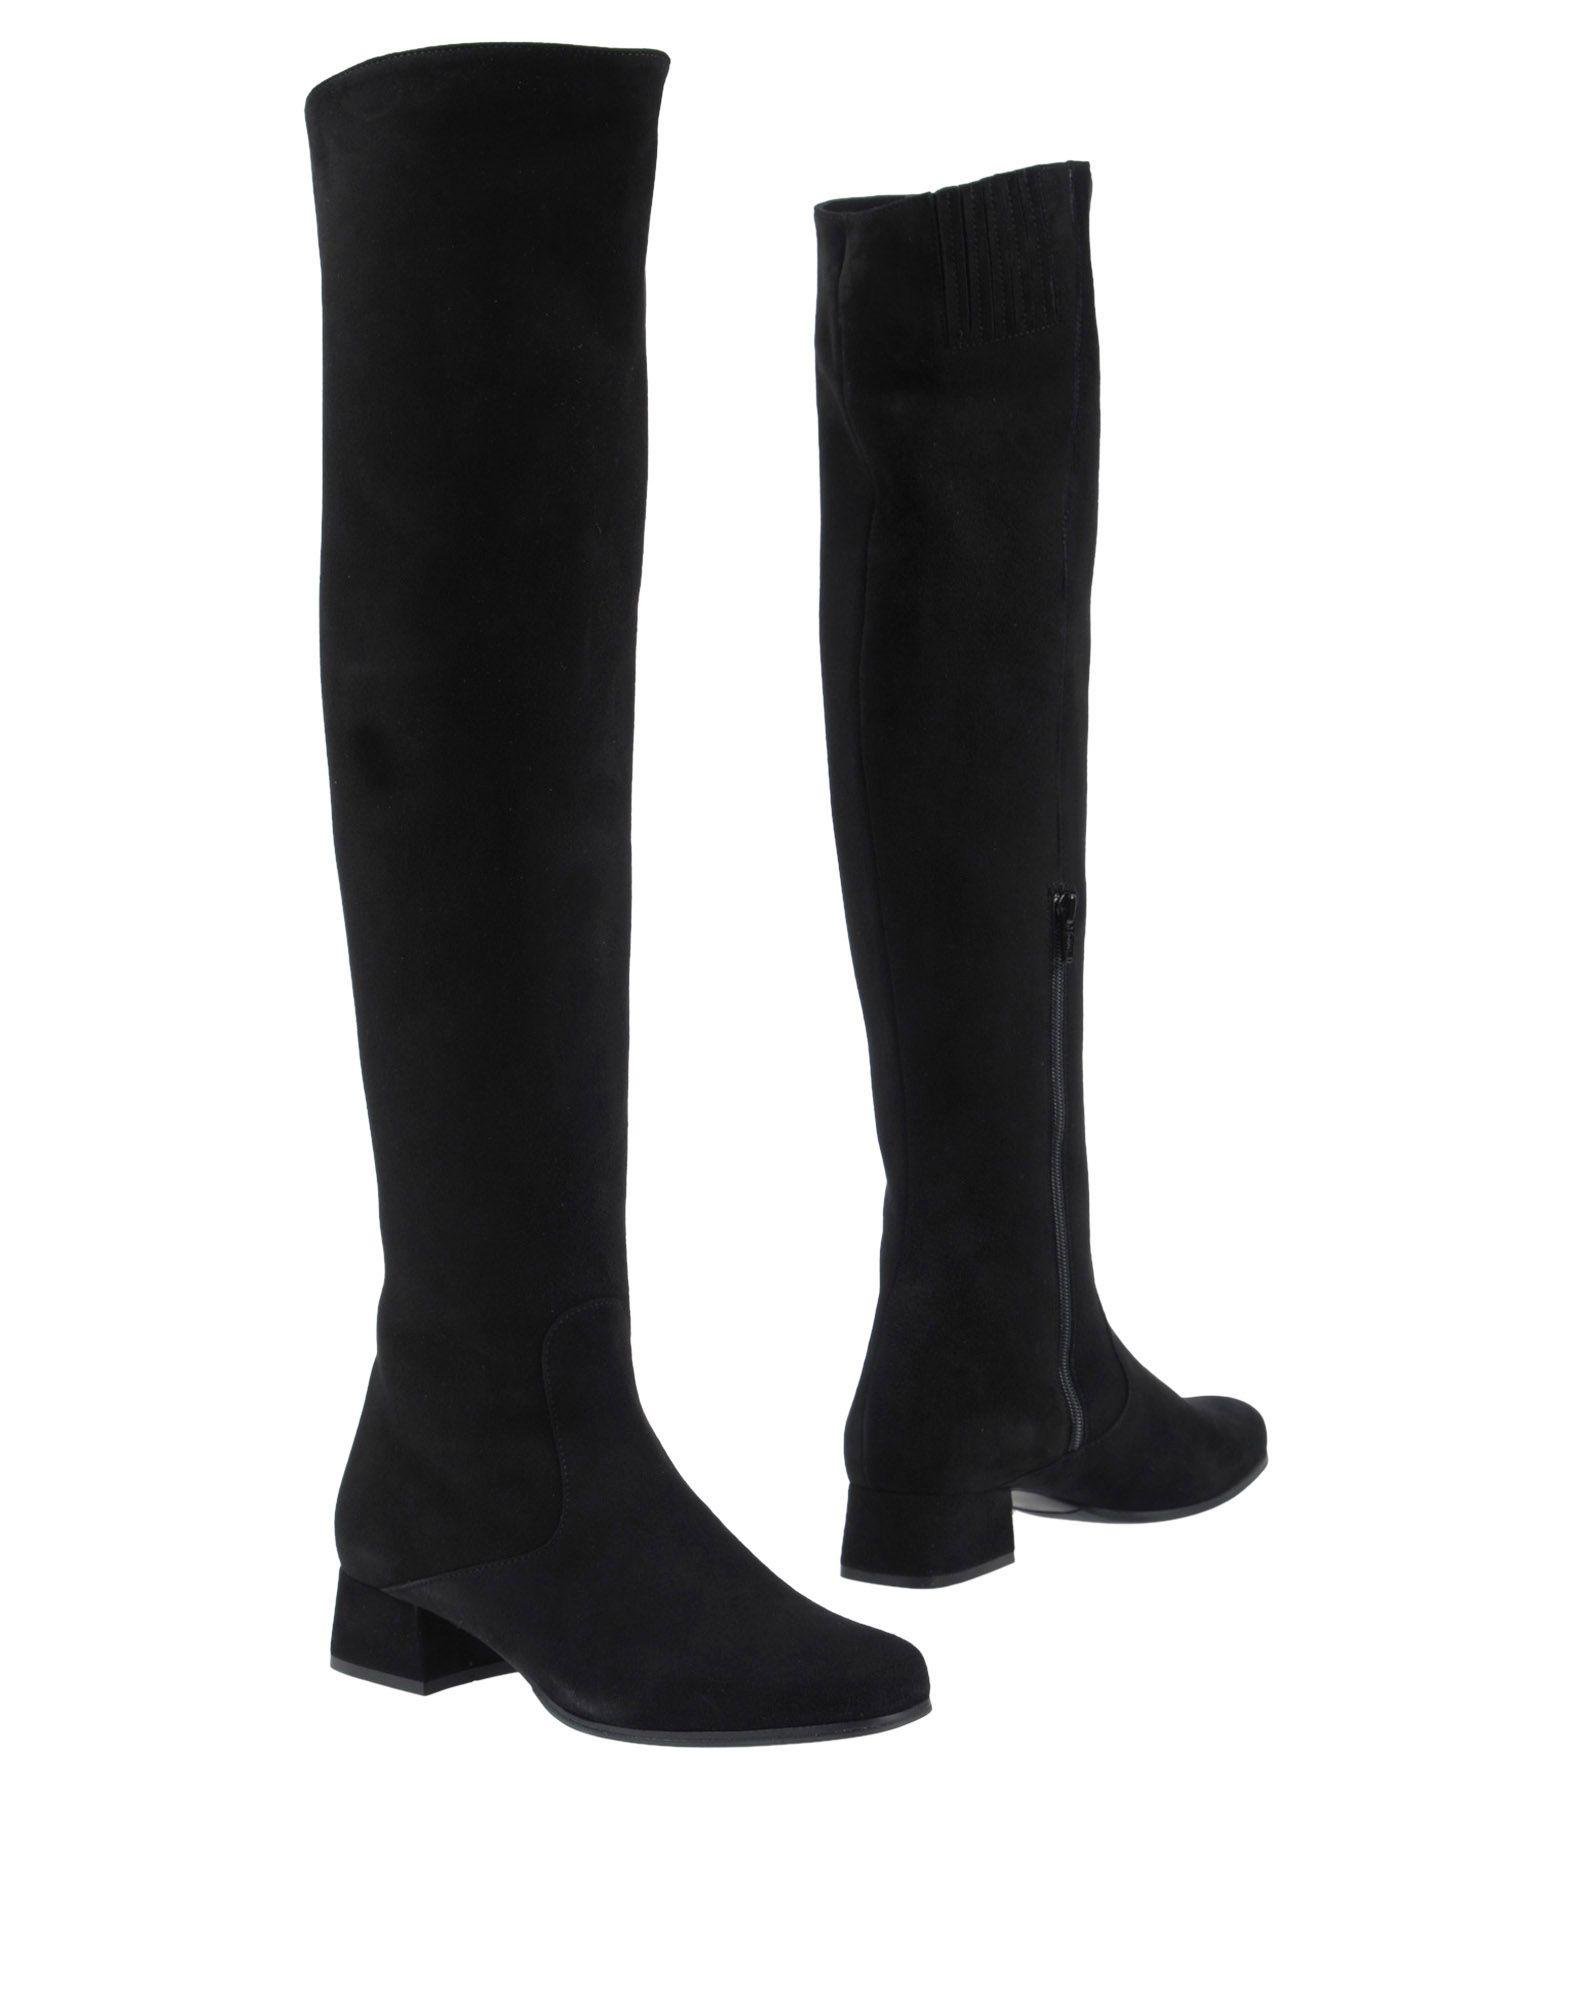 Spaziomoda Stiefel Damen  11449171XKGut aussehende strapazierfähige Schuhe